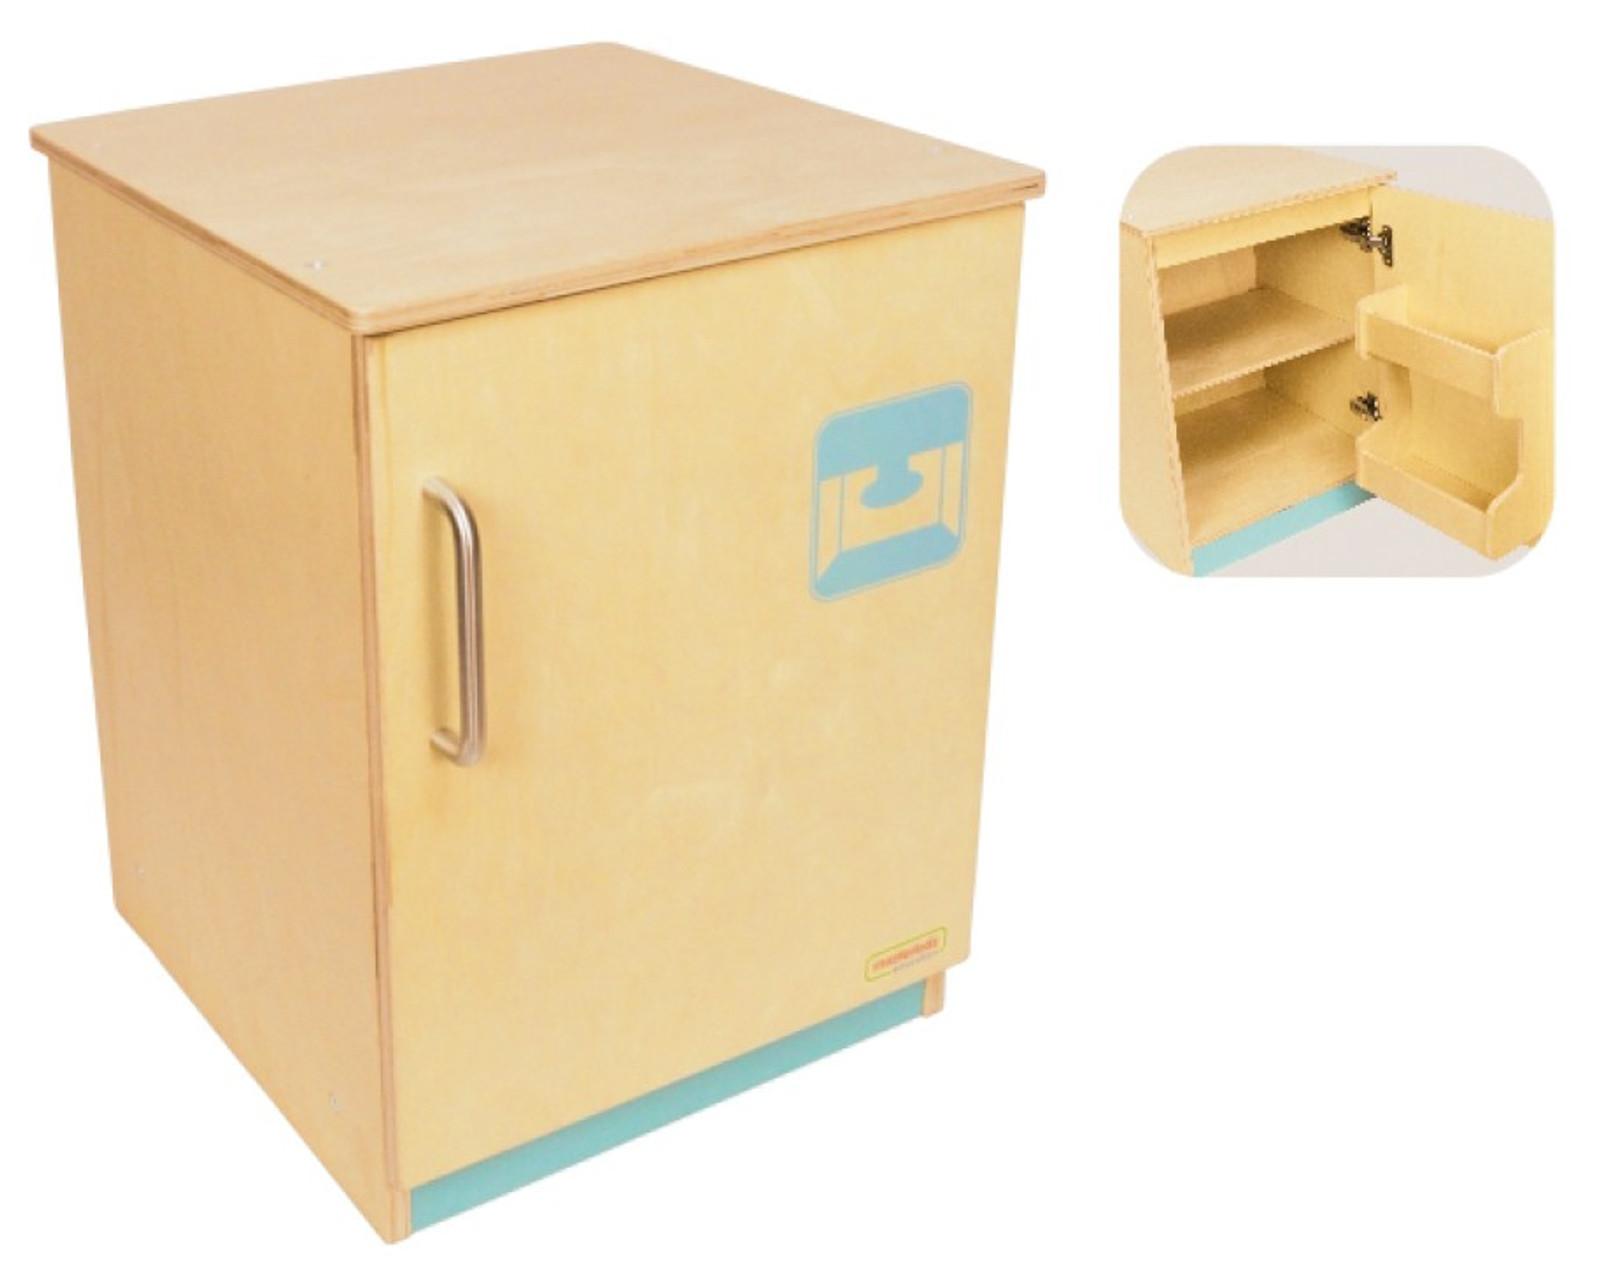 Kühlschrank Einlegeboden : Küchenausstattung: ofen küchenschrank eckschrank mikrowelle